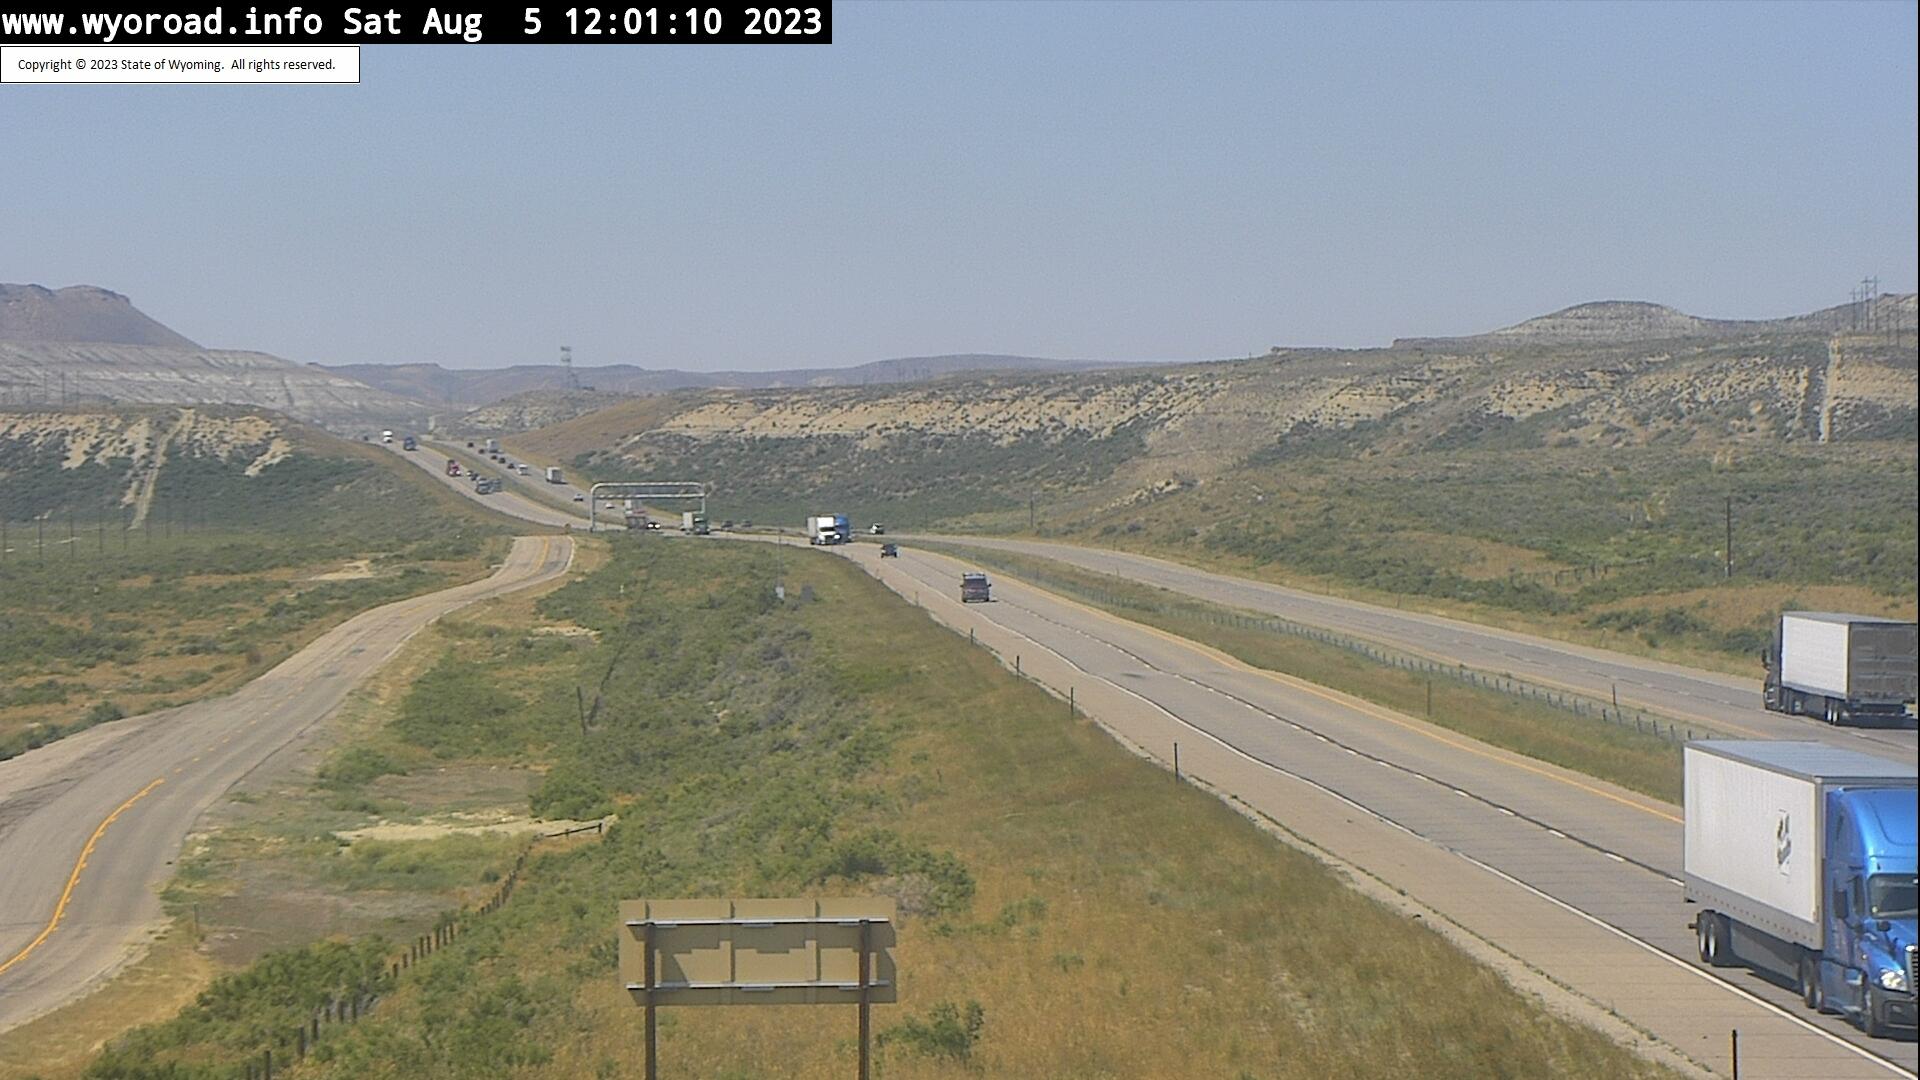 Purple Sage, Wyoming Sat. 12:03